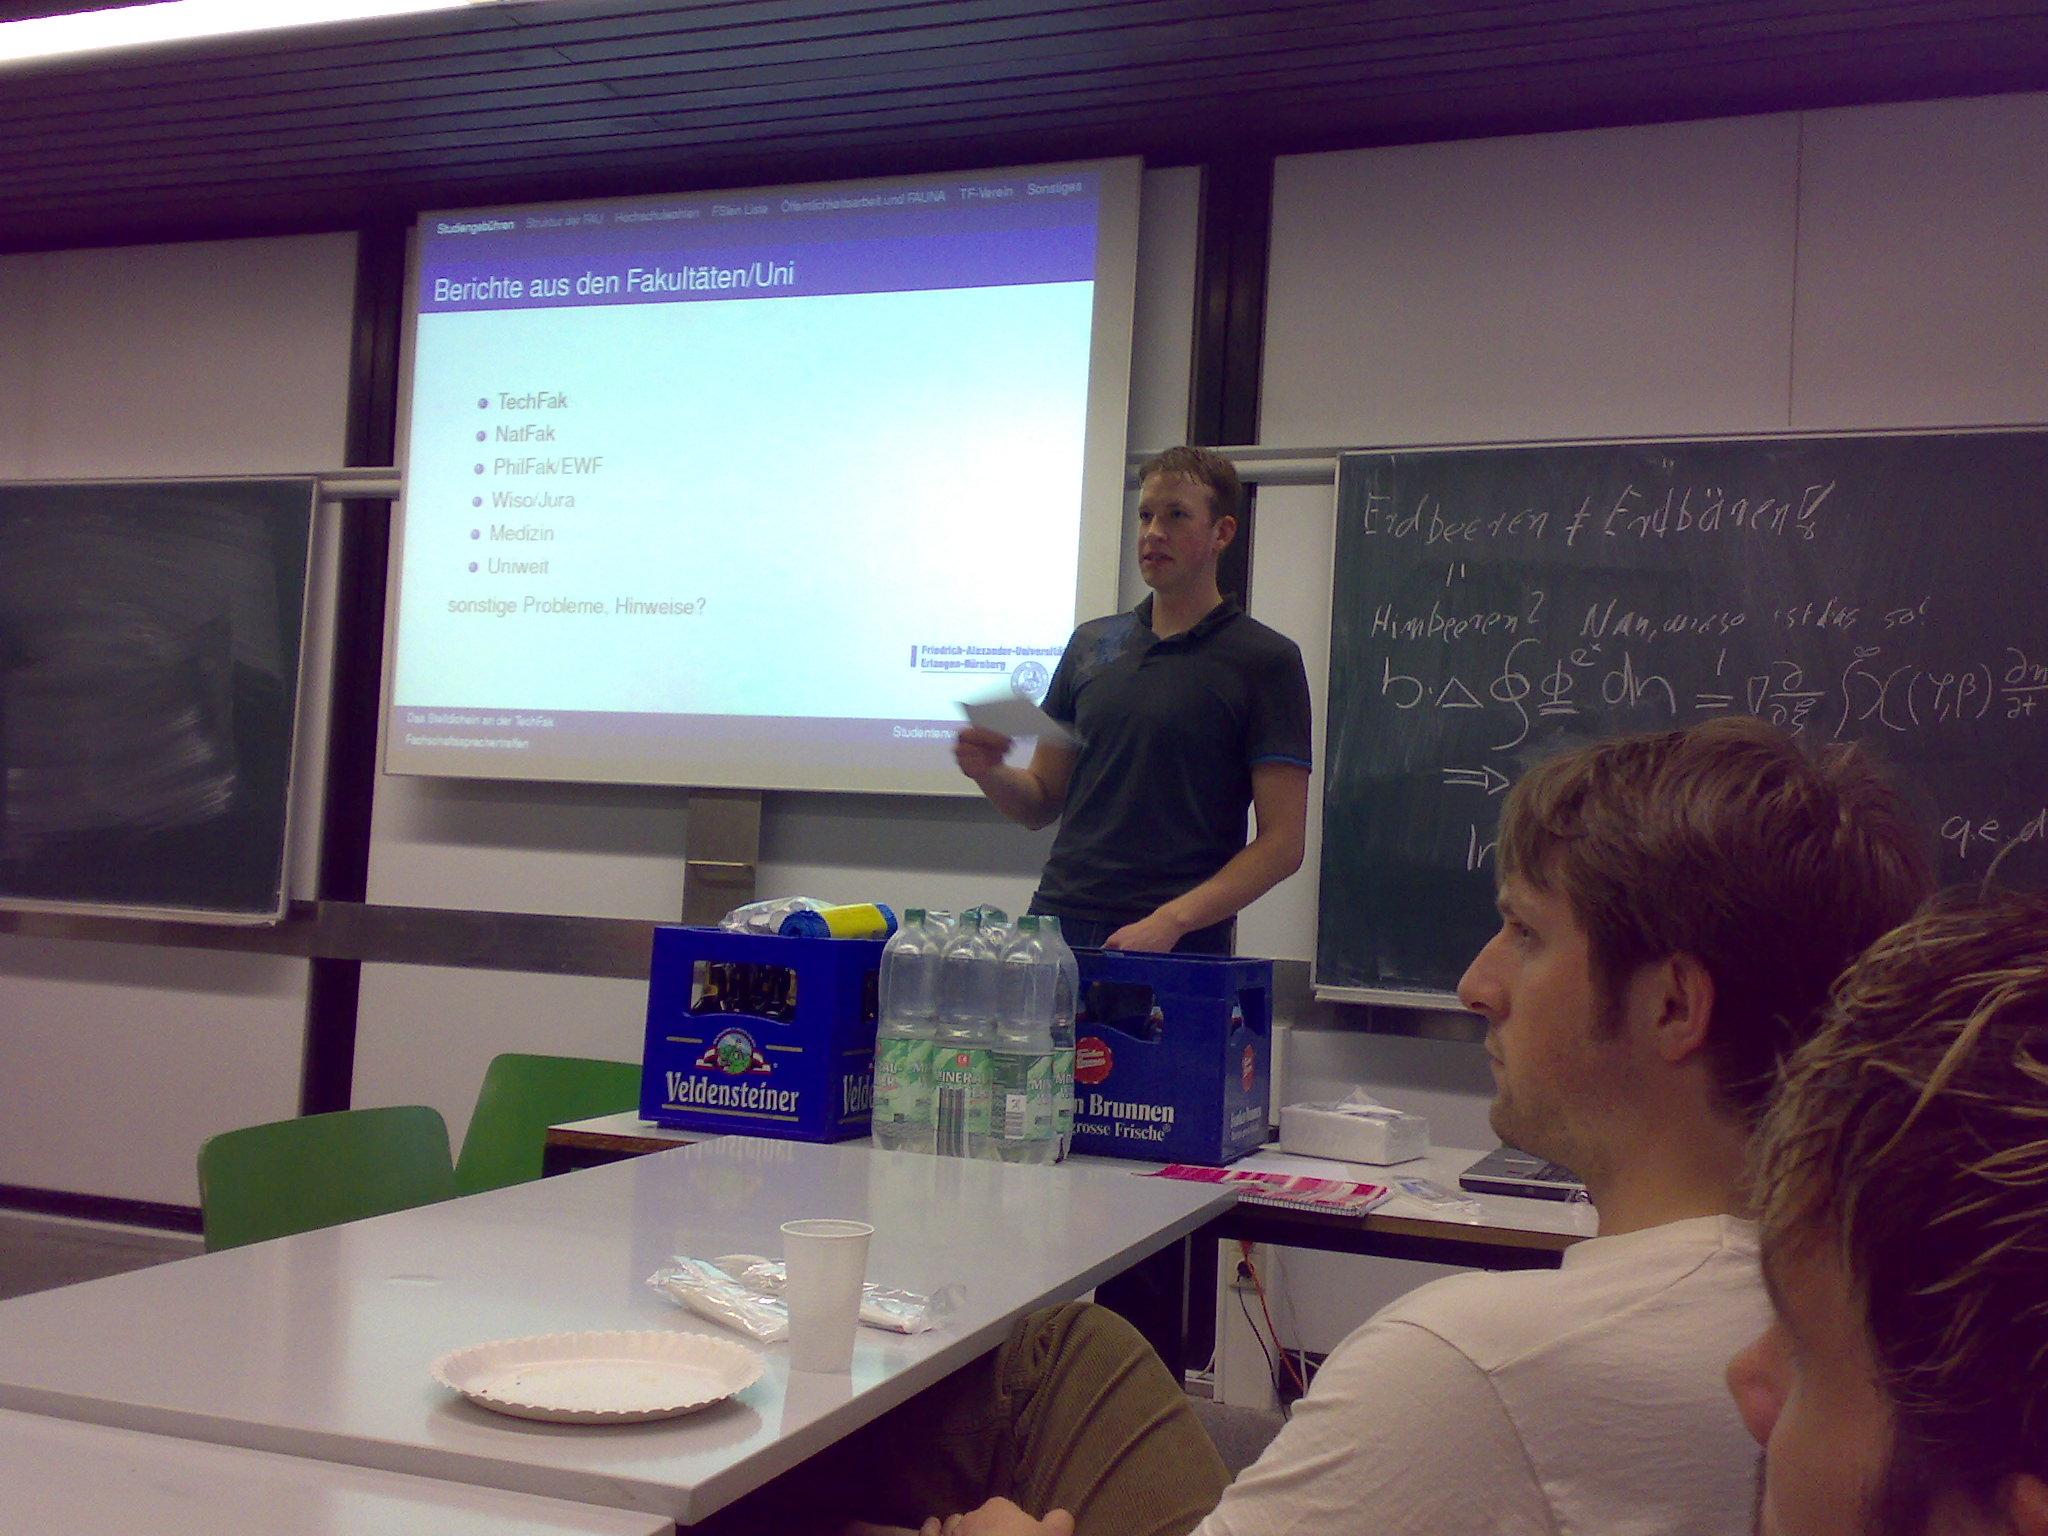 Robert - FS-Sprecher der TechFak - leitet das Treffen ganz hervorragend :)